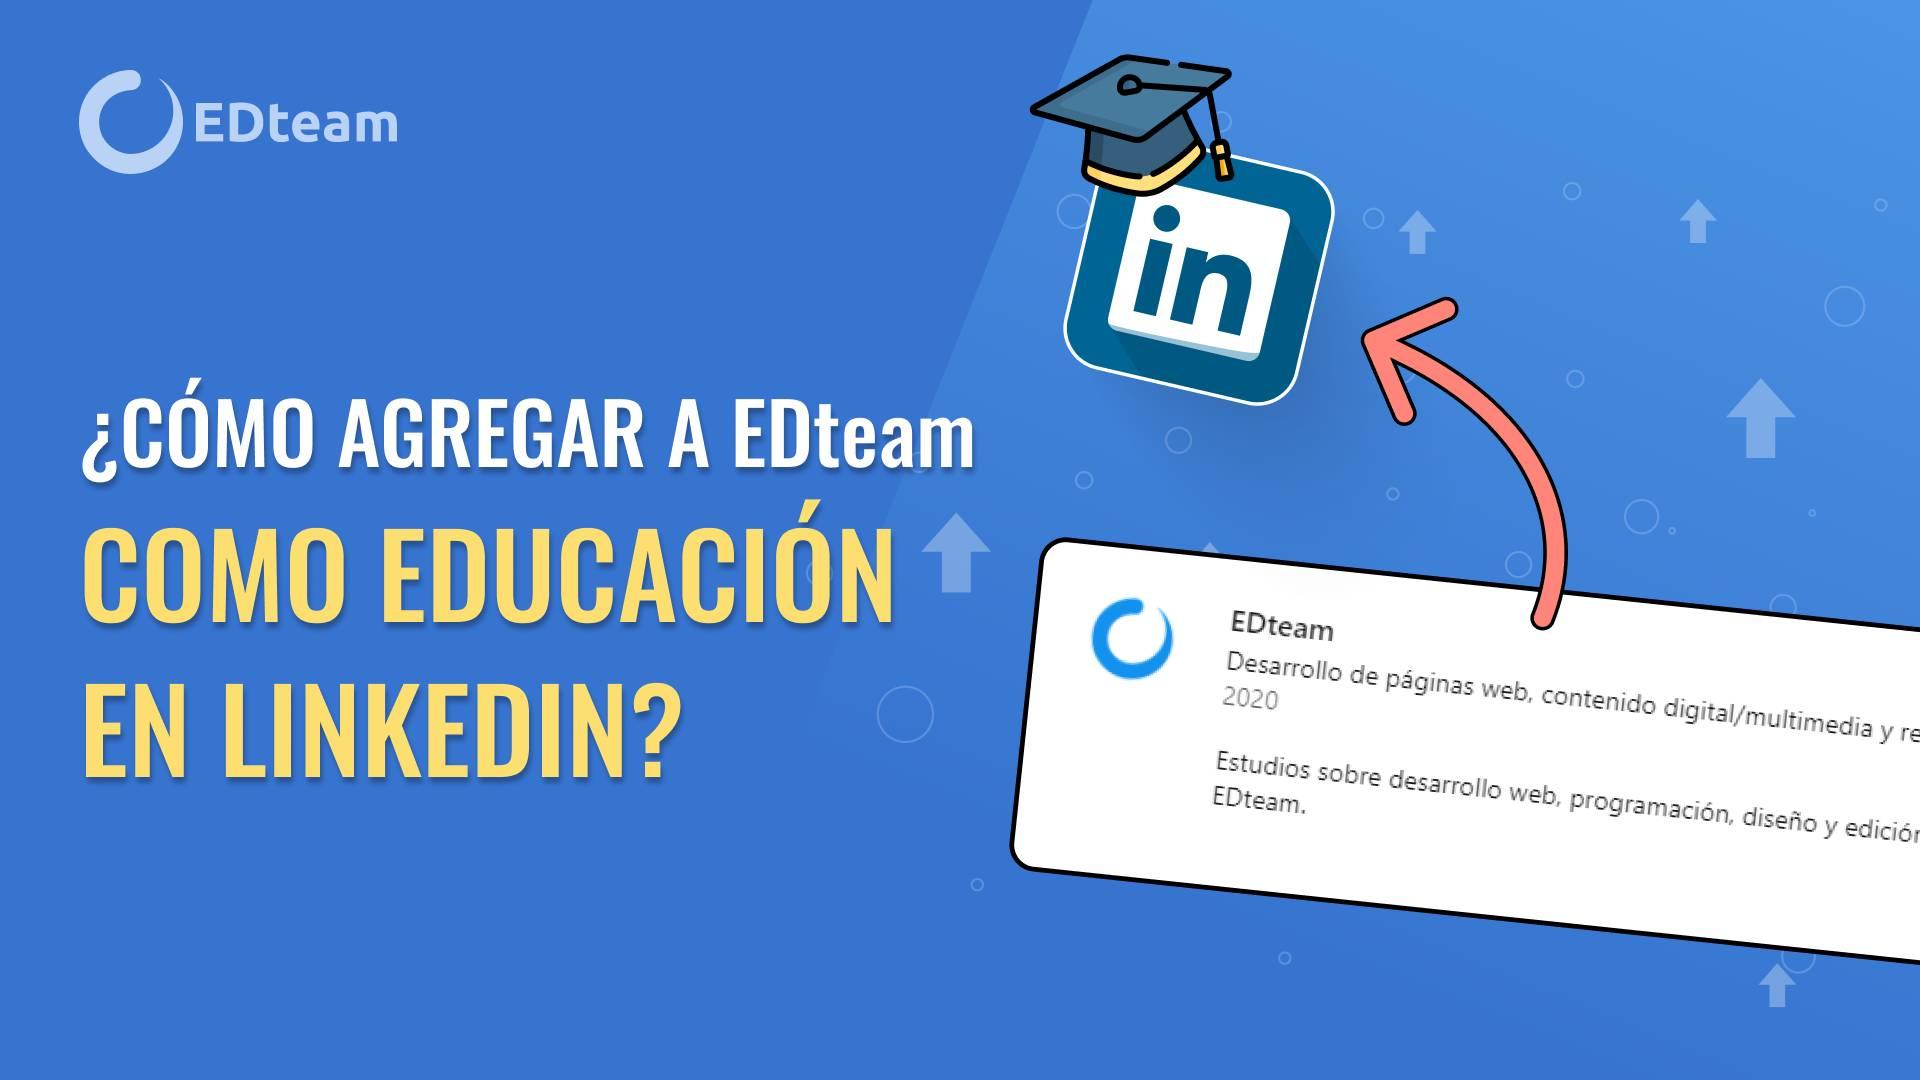 ¡Ya puedes agregar a EDteam como escuela de formación en LinkedIn!